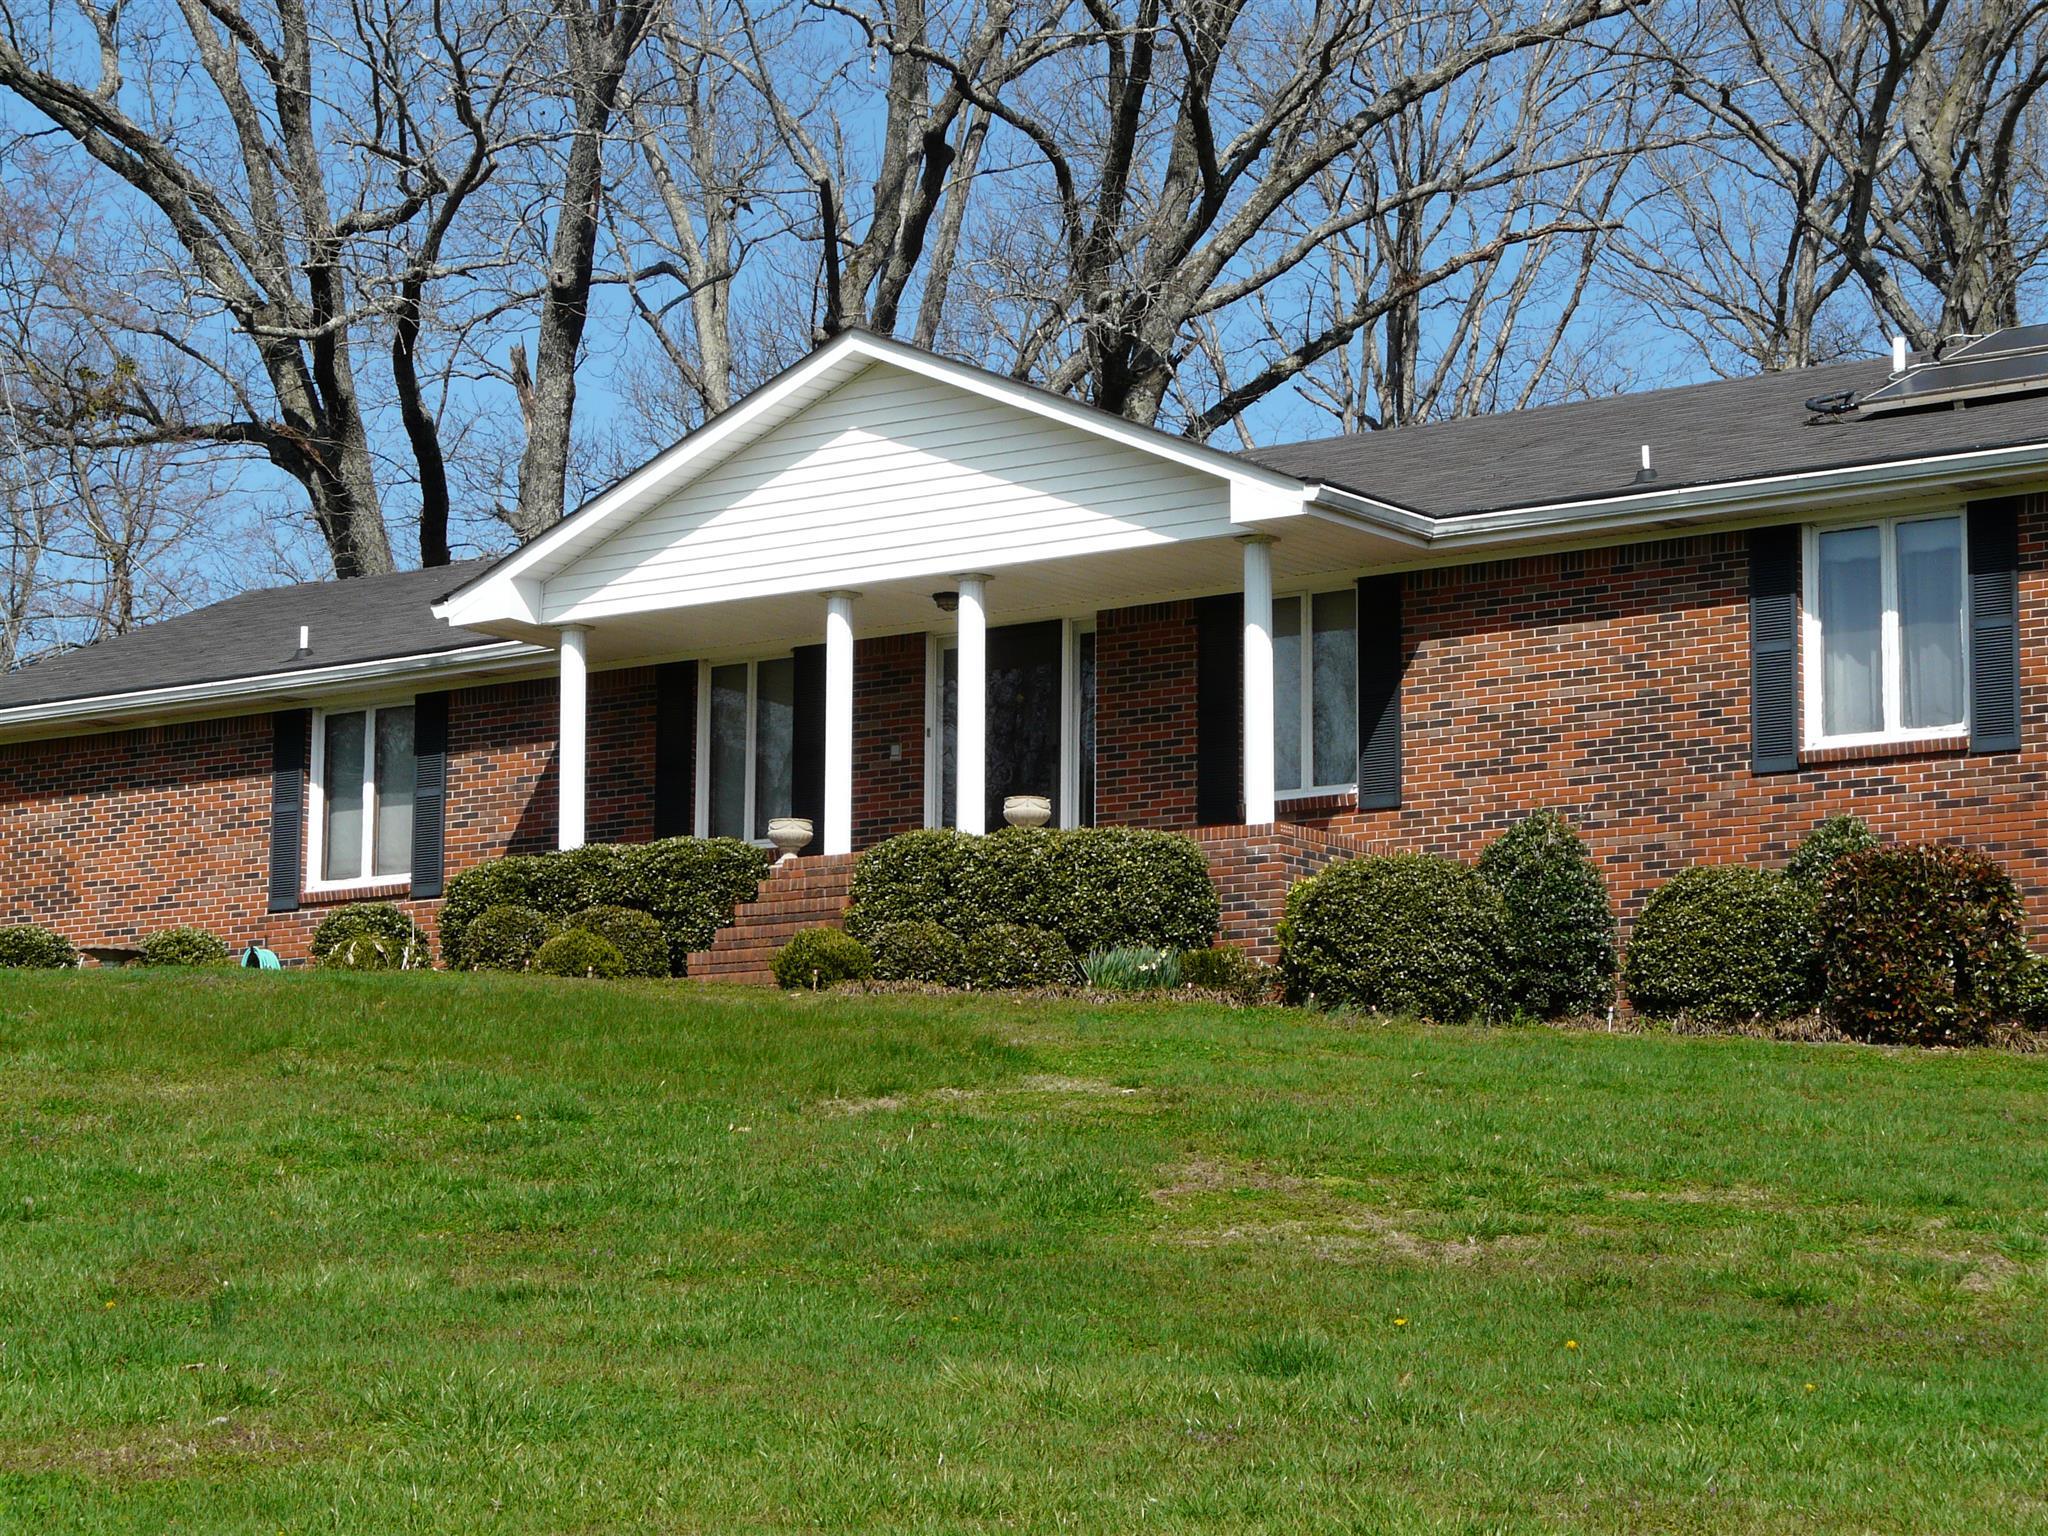 13700 Old Hickory Blvd, Antioch, TN 37013